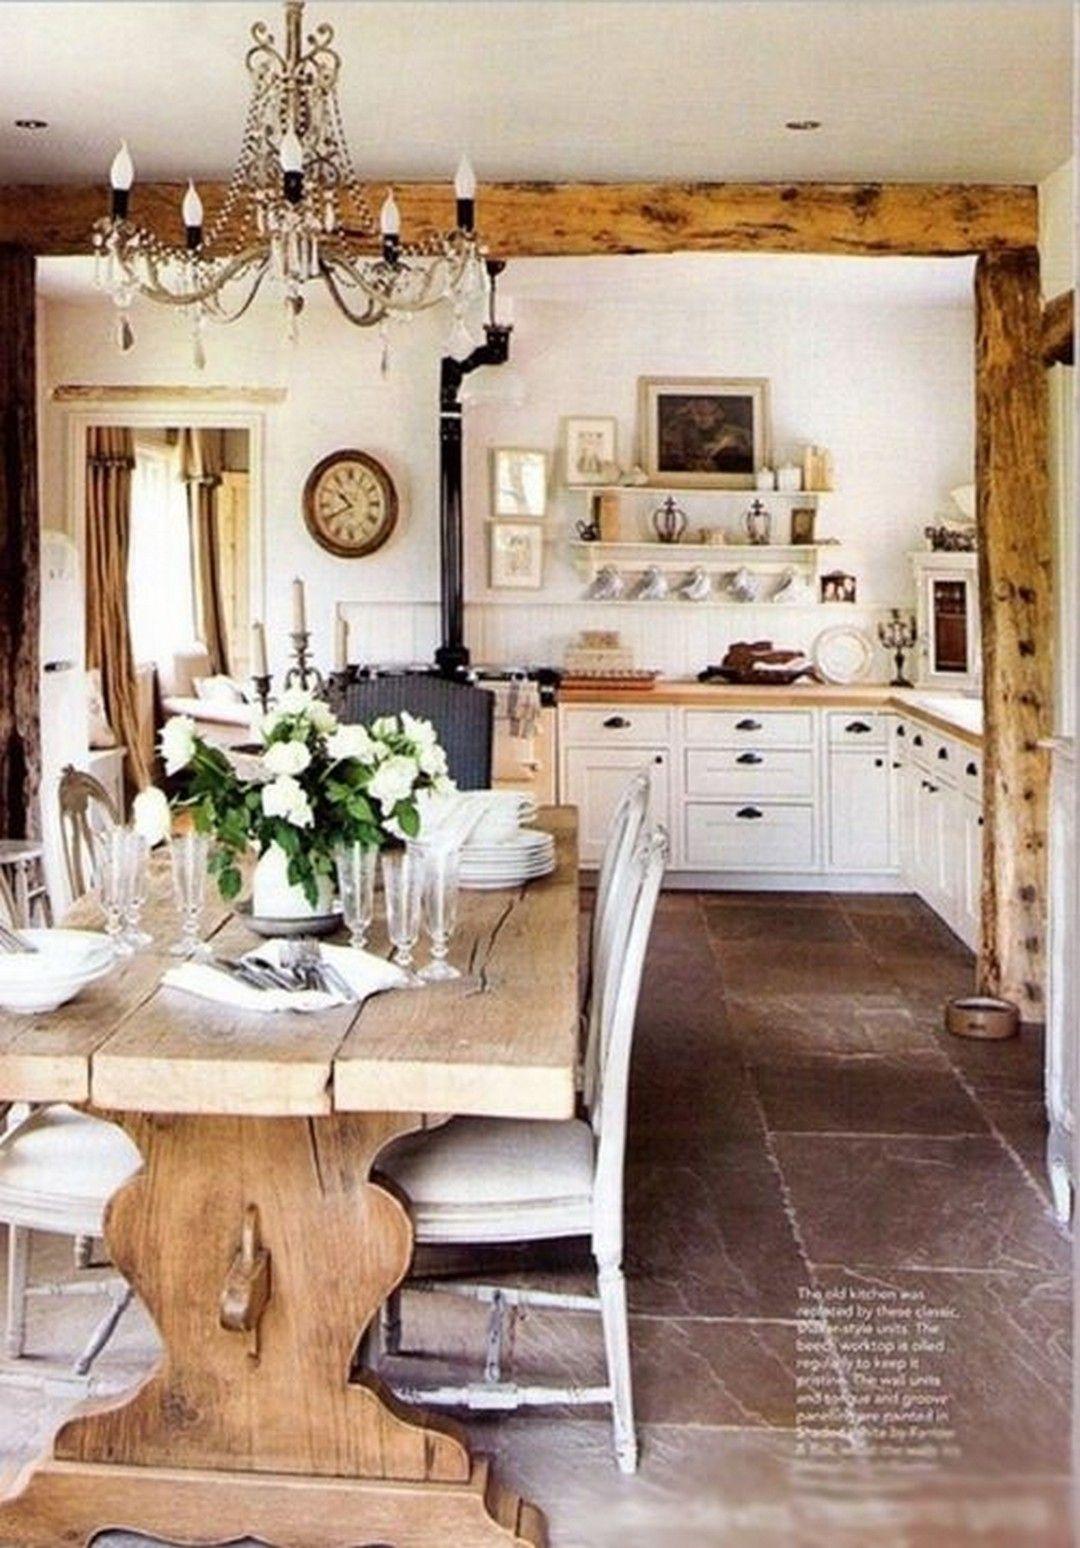 Kuscheln Sie Ihre Küche mit diesen schönen rustikalen Küche Design #rustickitchendesigns